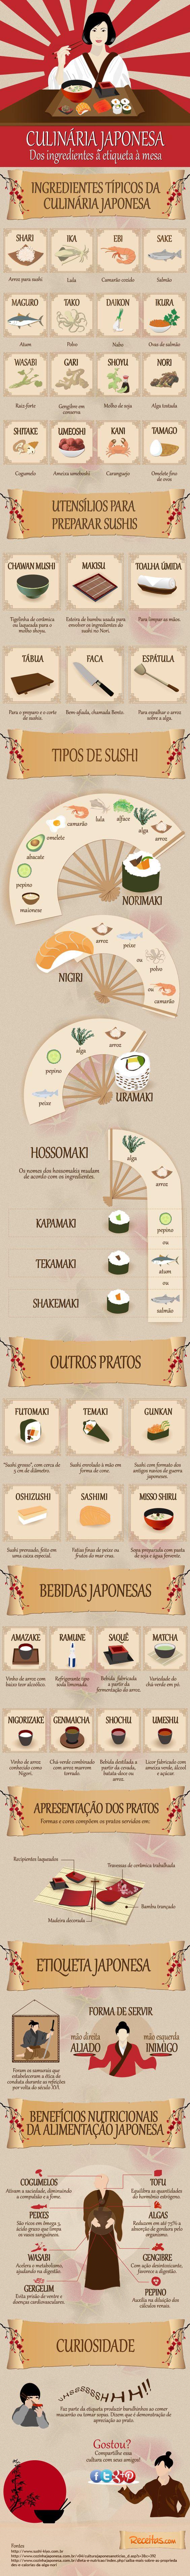 Saiba tudo sobre a culinária japonesa nesse infográfico completo! Incrível não é? Aproveite e veja onde comprar os melhores ingredientes, pagando pelo menor preço, com o Guiato: http://www.guiato.com.br/Sao-Paulo/Supermercados/p-c5 #infografico #comidajaponesa #culinaria: